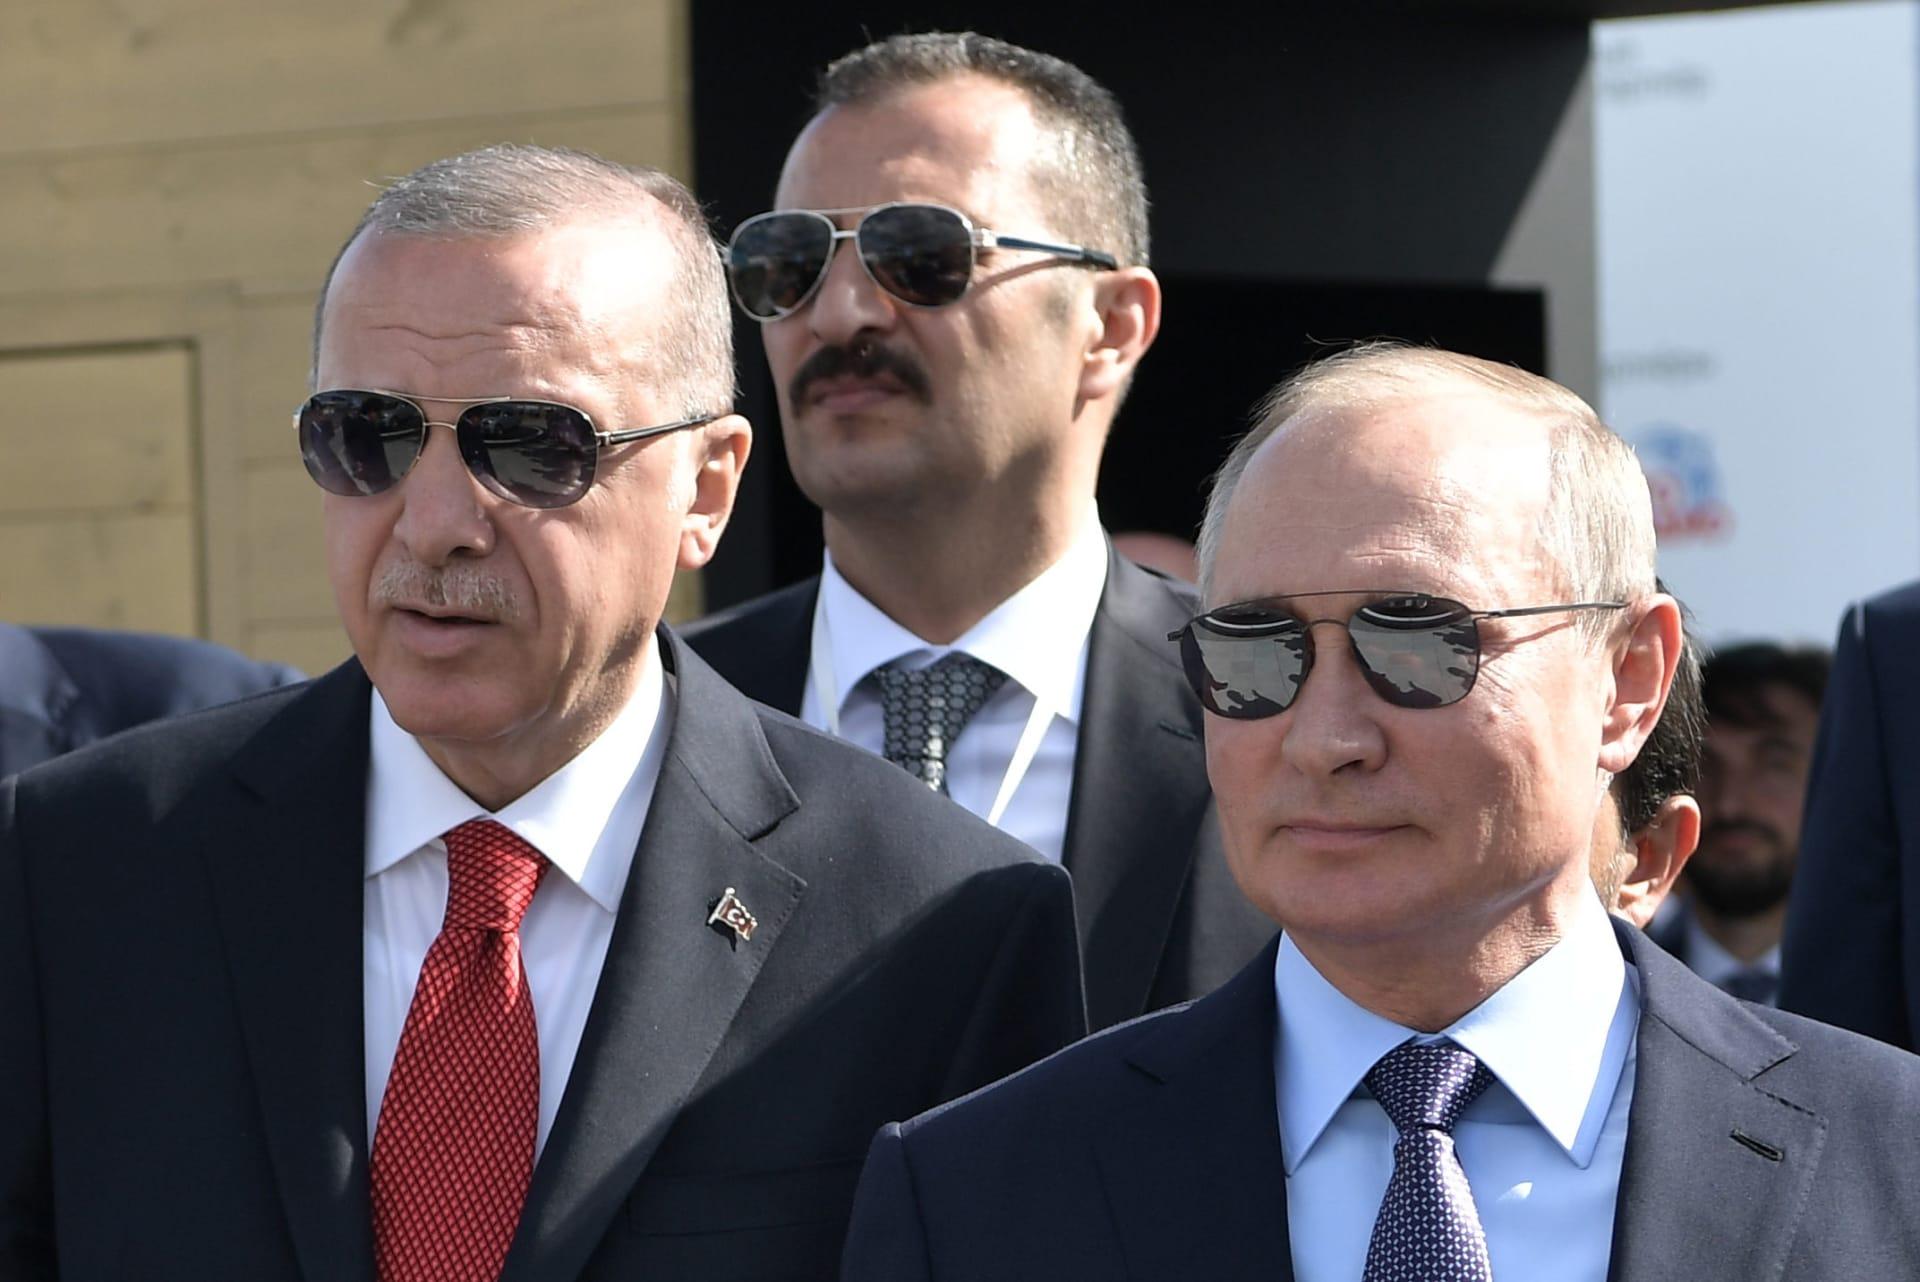 """بوتين """"يلفت انتباه"""" أردوغان إلى أصداء تحويل آيا صوفيا لمسجد.. والثاني يُفسر ويقدم ضمانات"""